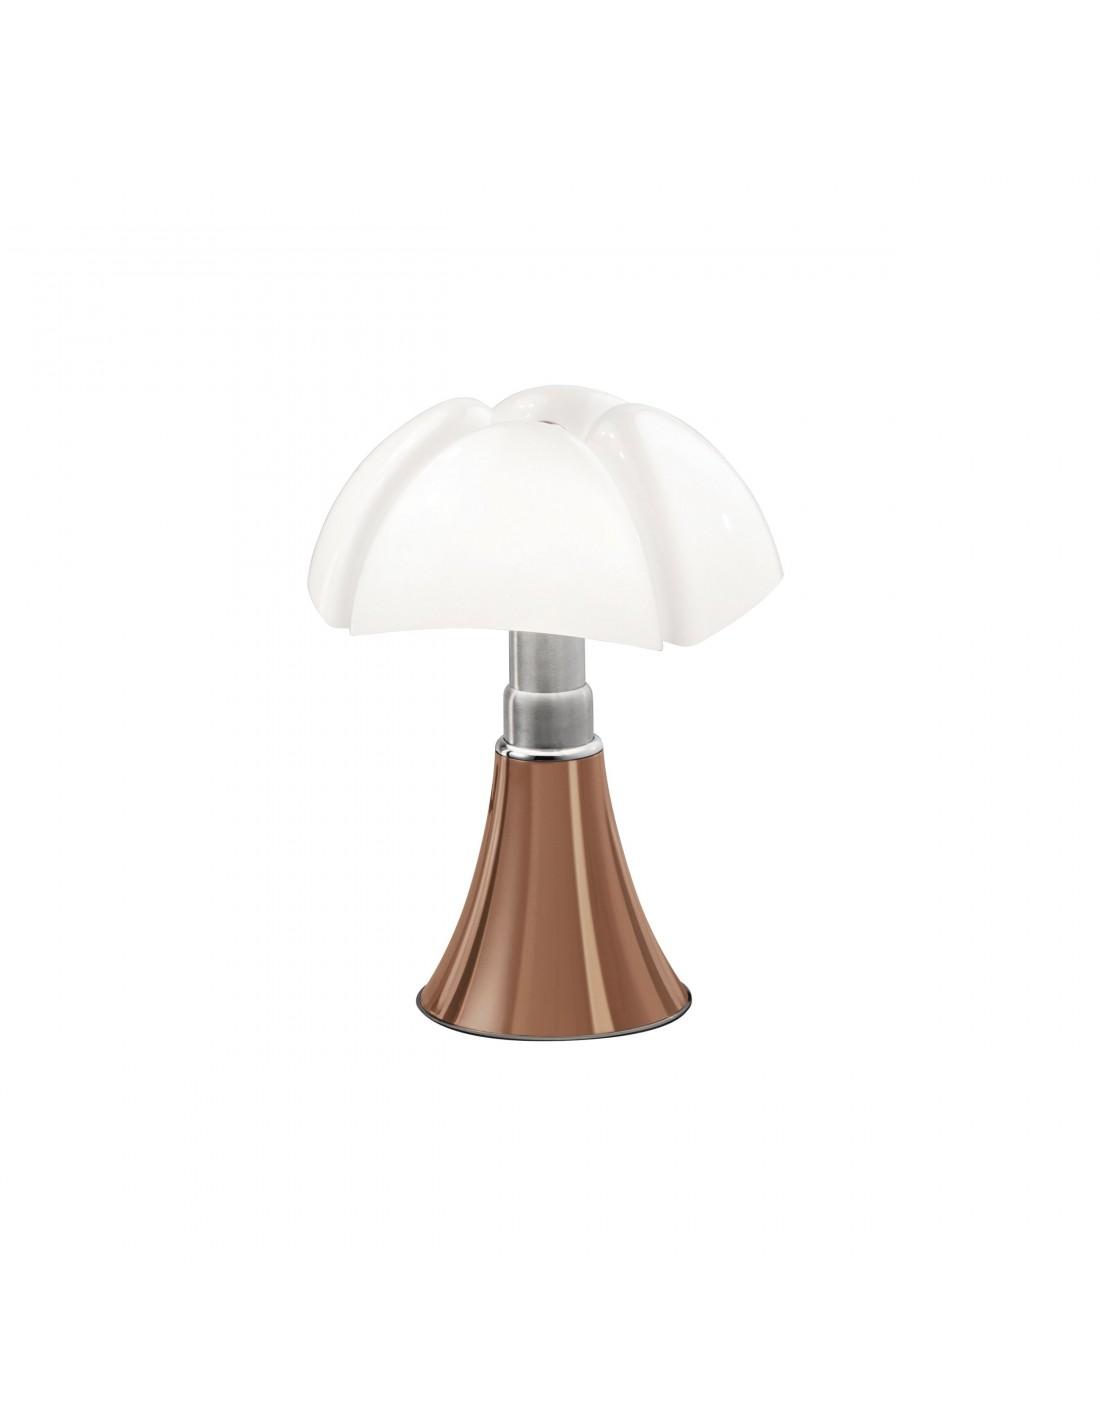 Lampe de table Minipipistrello cuivre - Martinelli Luce Valente Design Gae Aulenti